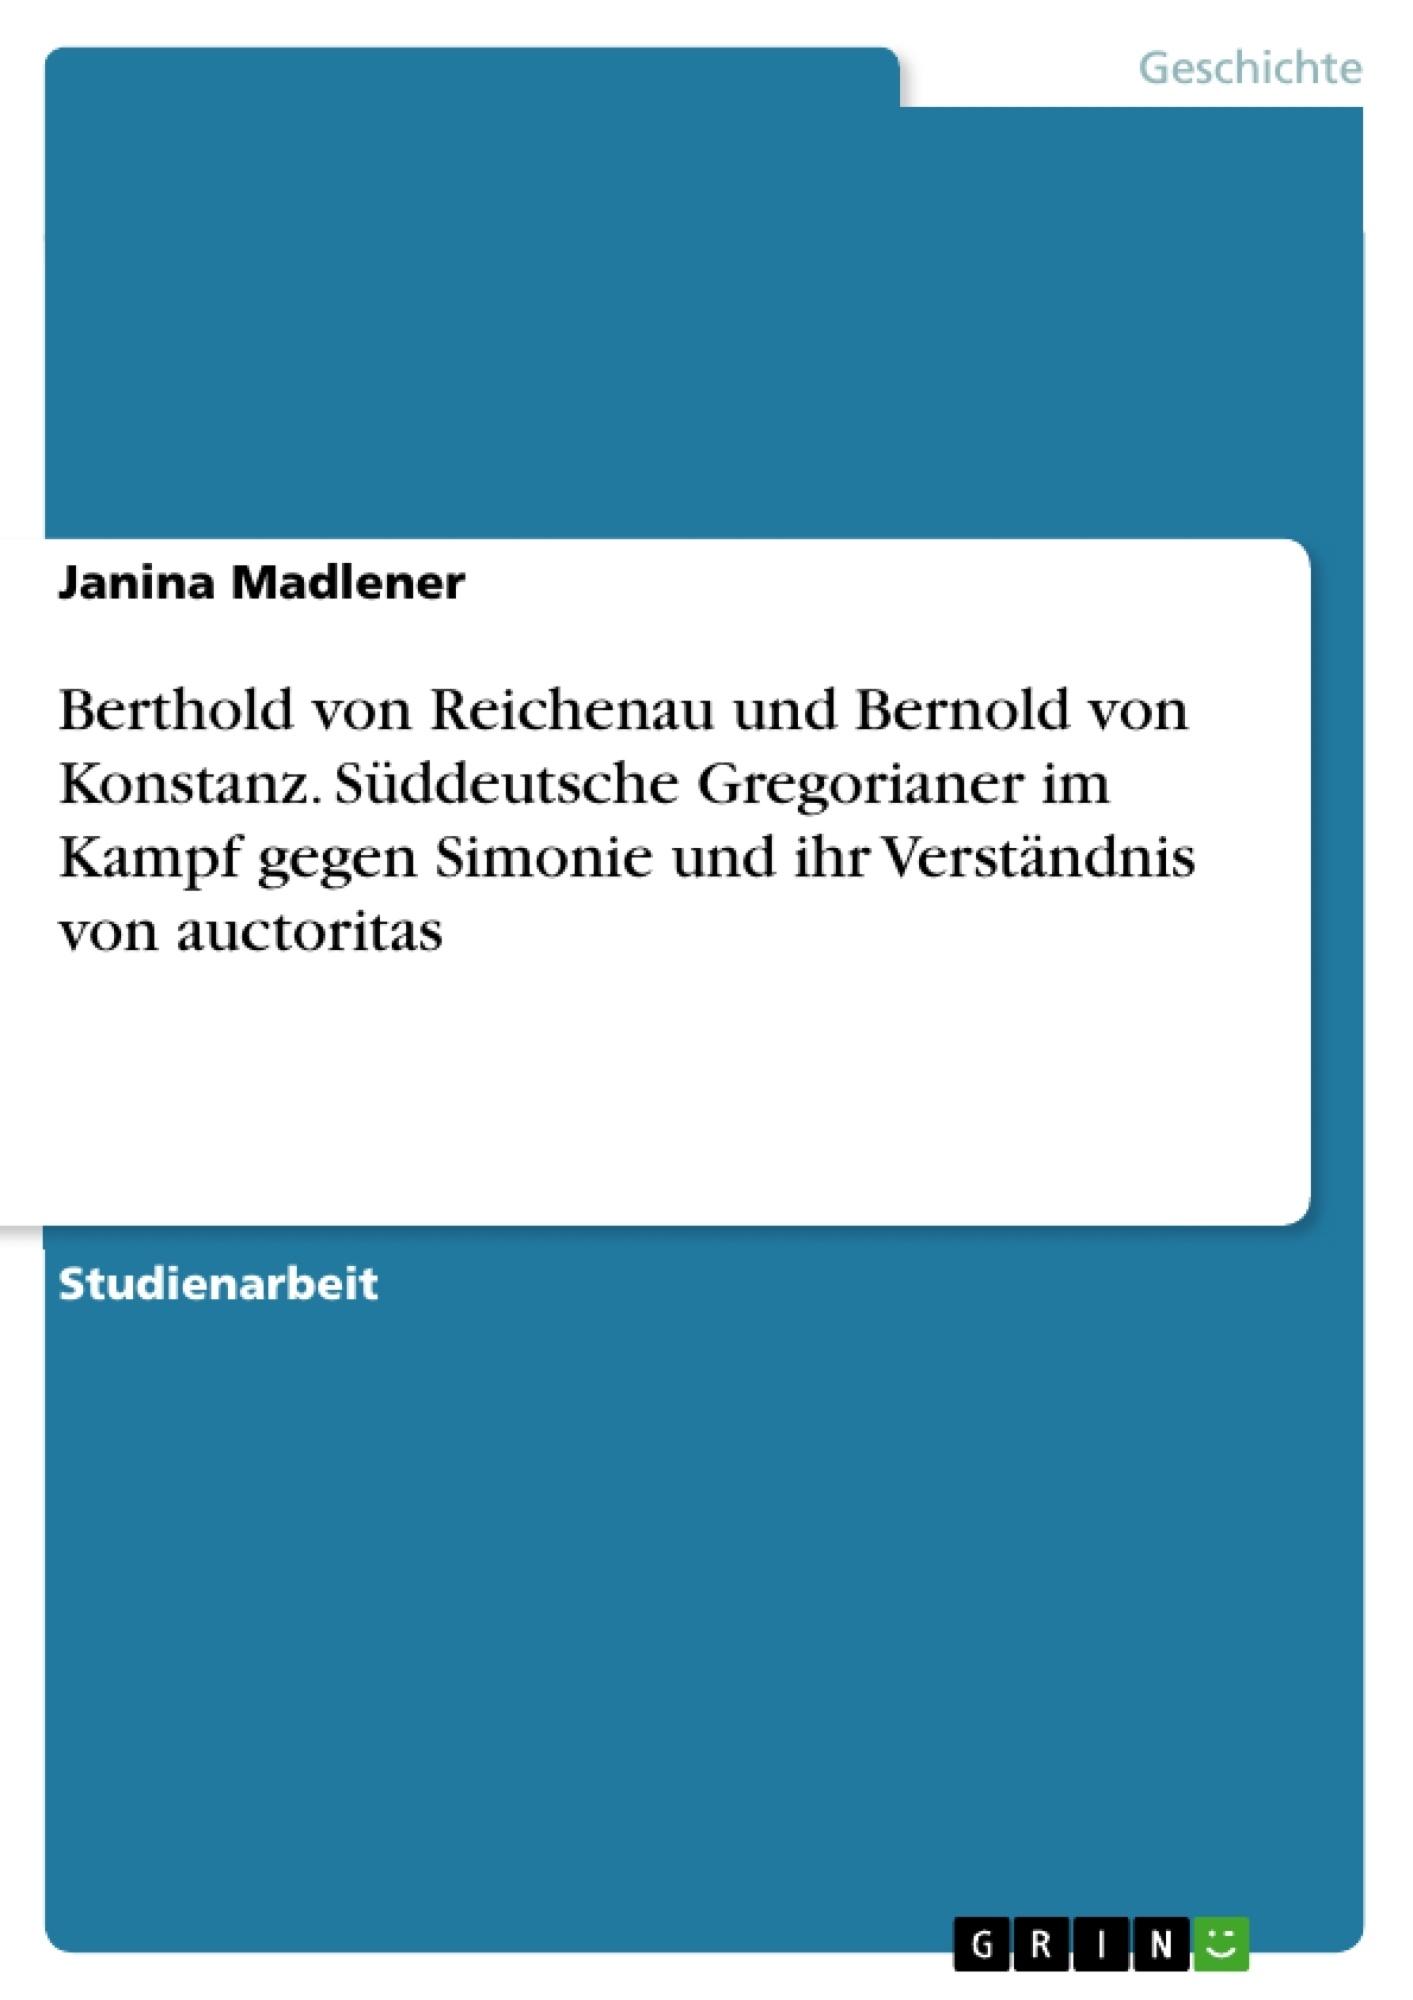 Titel: Berthold von Reichenau und Bernold von Konstanz. Süddeutsche Gregorianer im Kampf gegen Simonie und ihr Verständnis von auctoritas